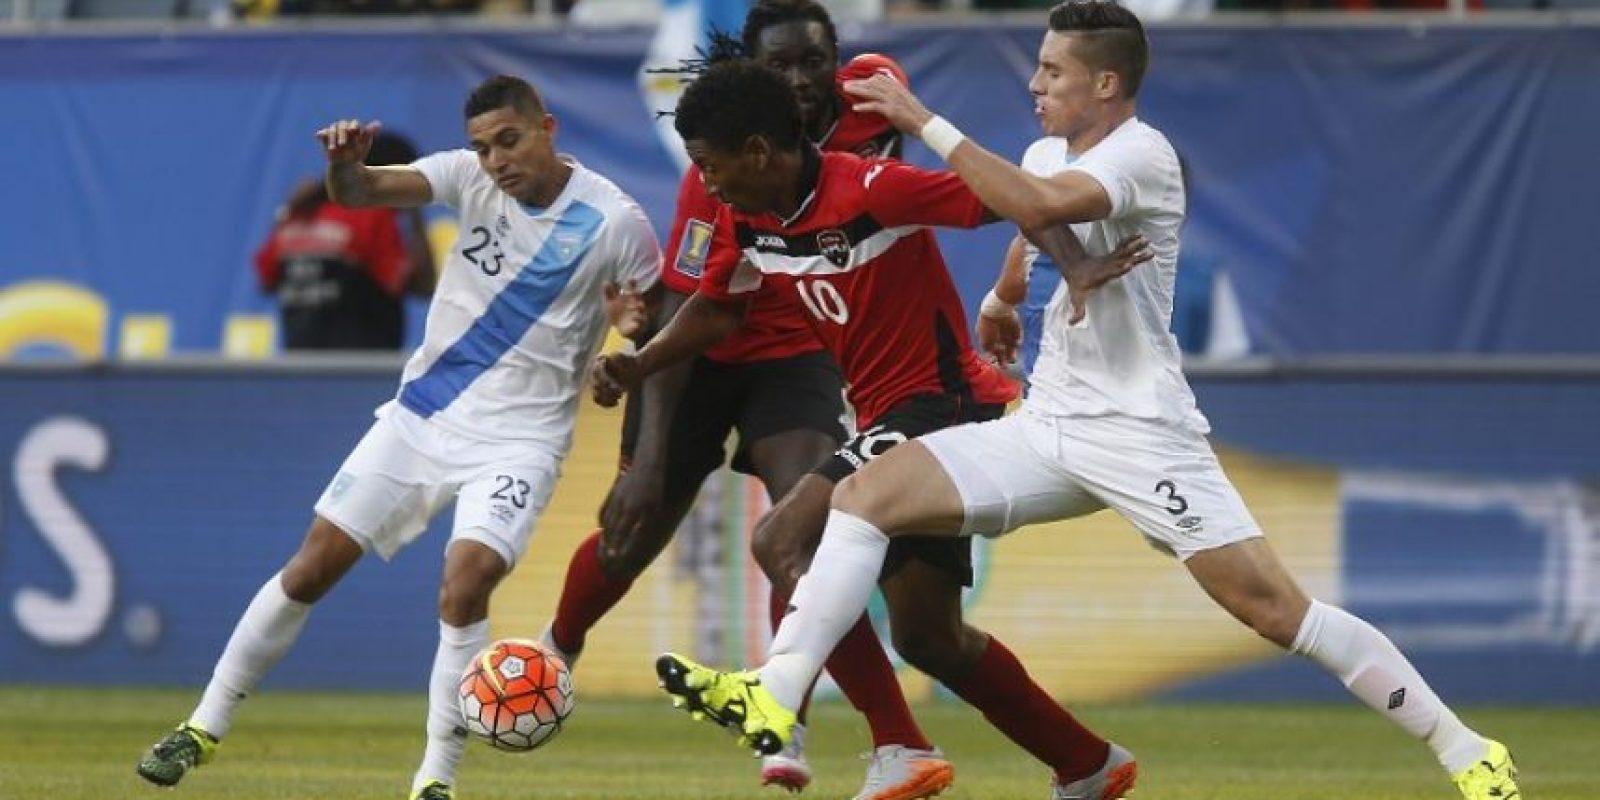 El choque marcará el inicio de la penúltima fase en la eliminatoria de la Concacaf. Foto:AFP